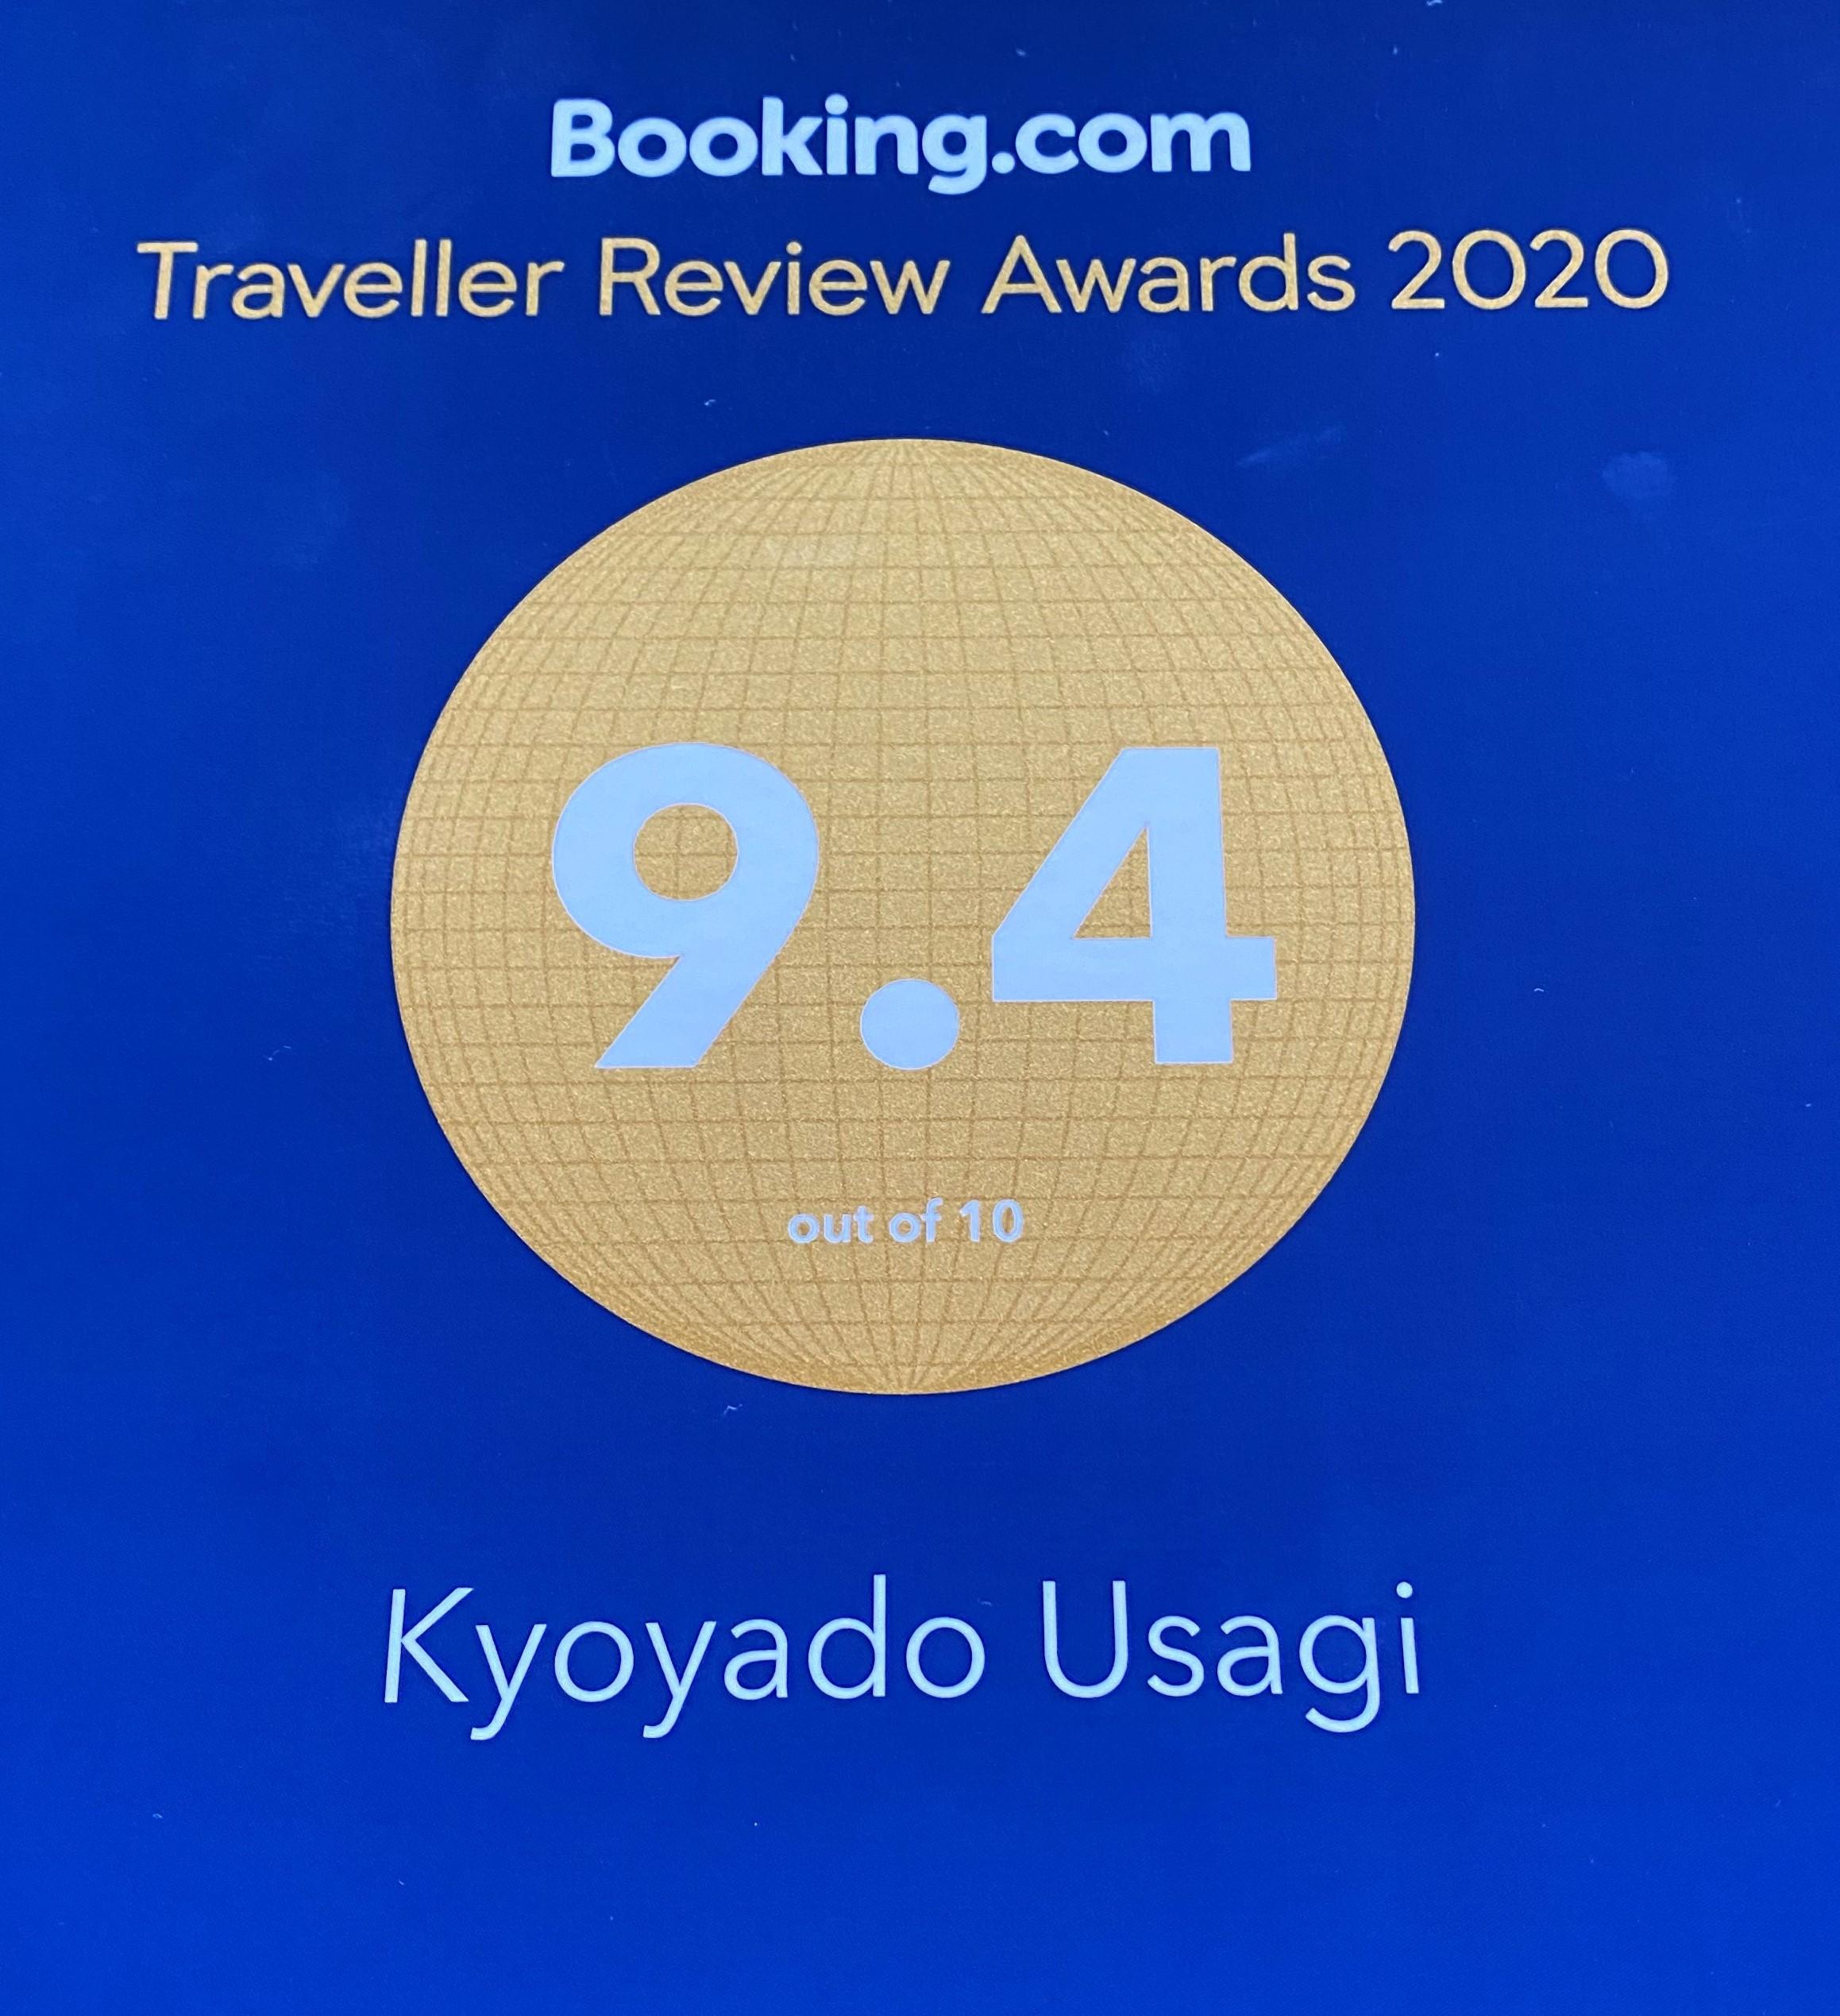 https://www.usagi-yado.com/blog/assets_c/%EF%BD%82%E5%86%99%E7%9C%9F.jpg